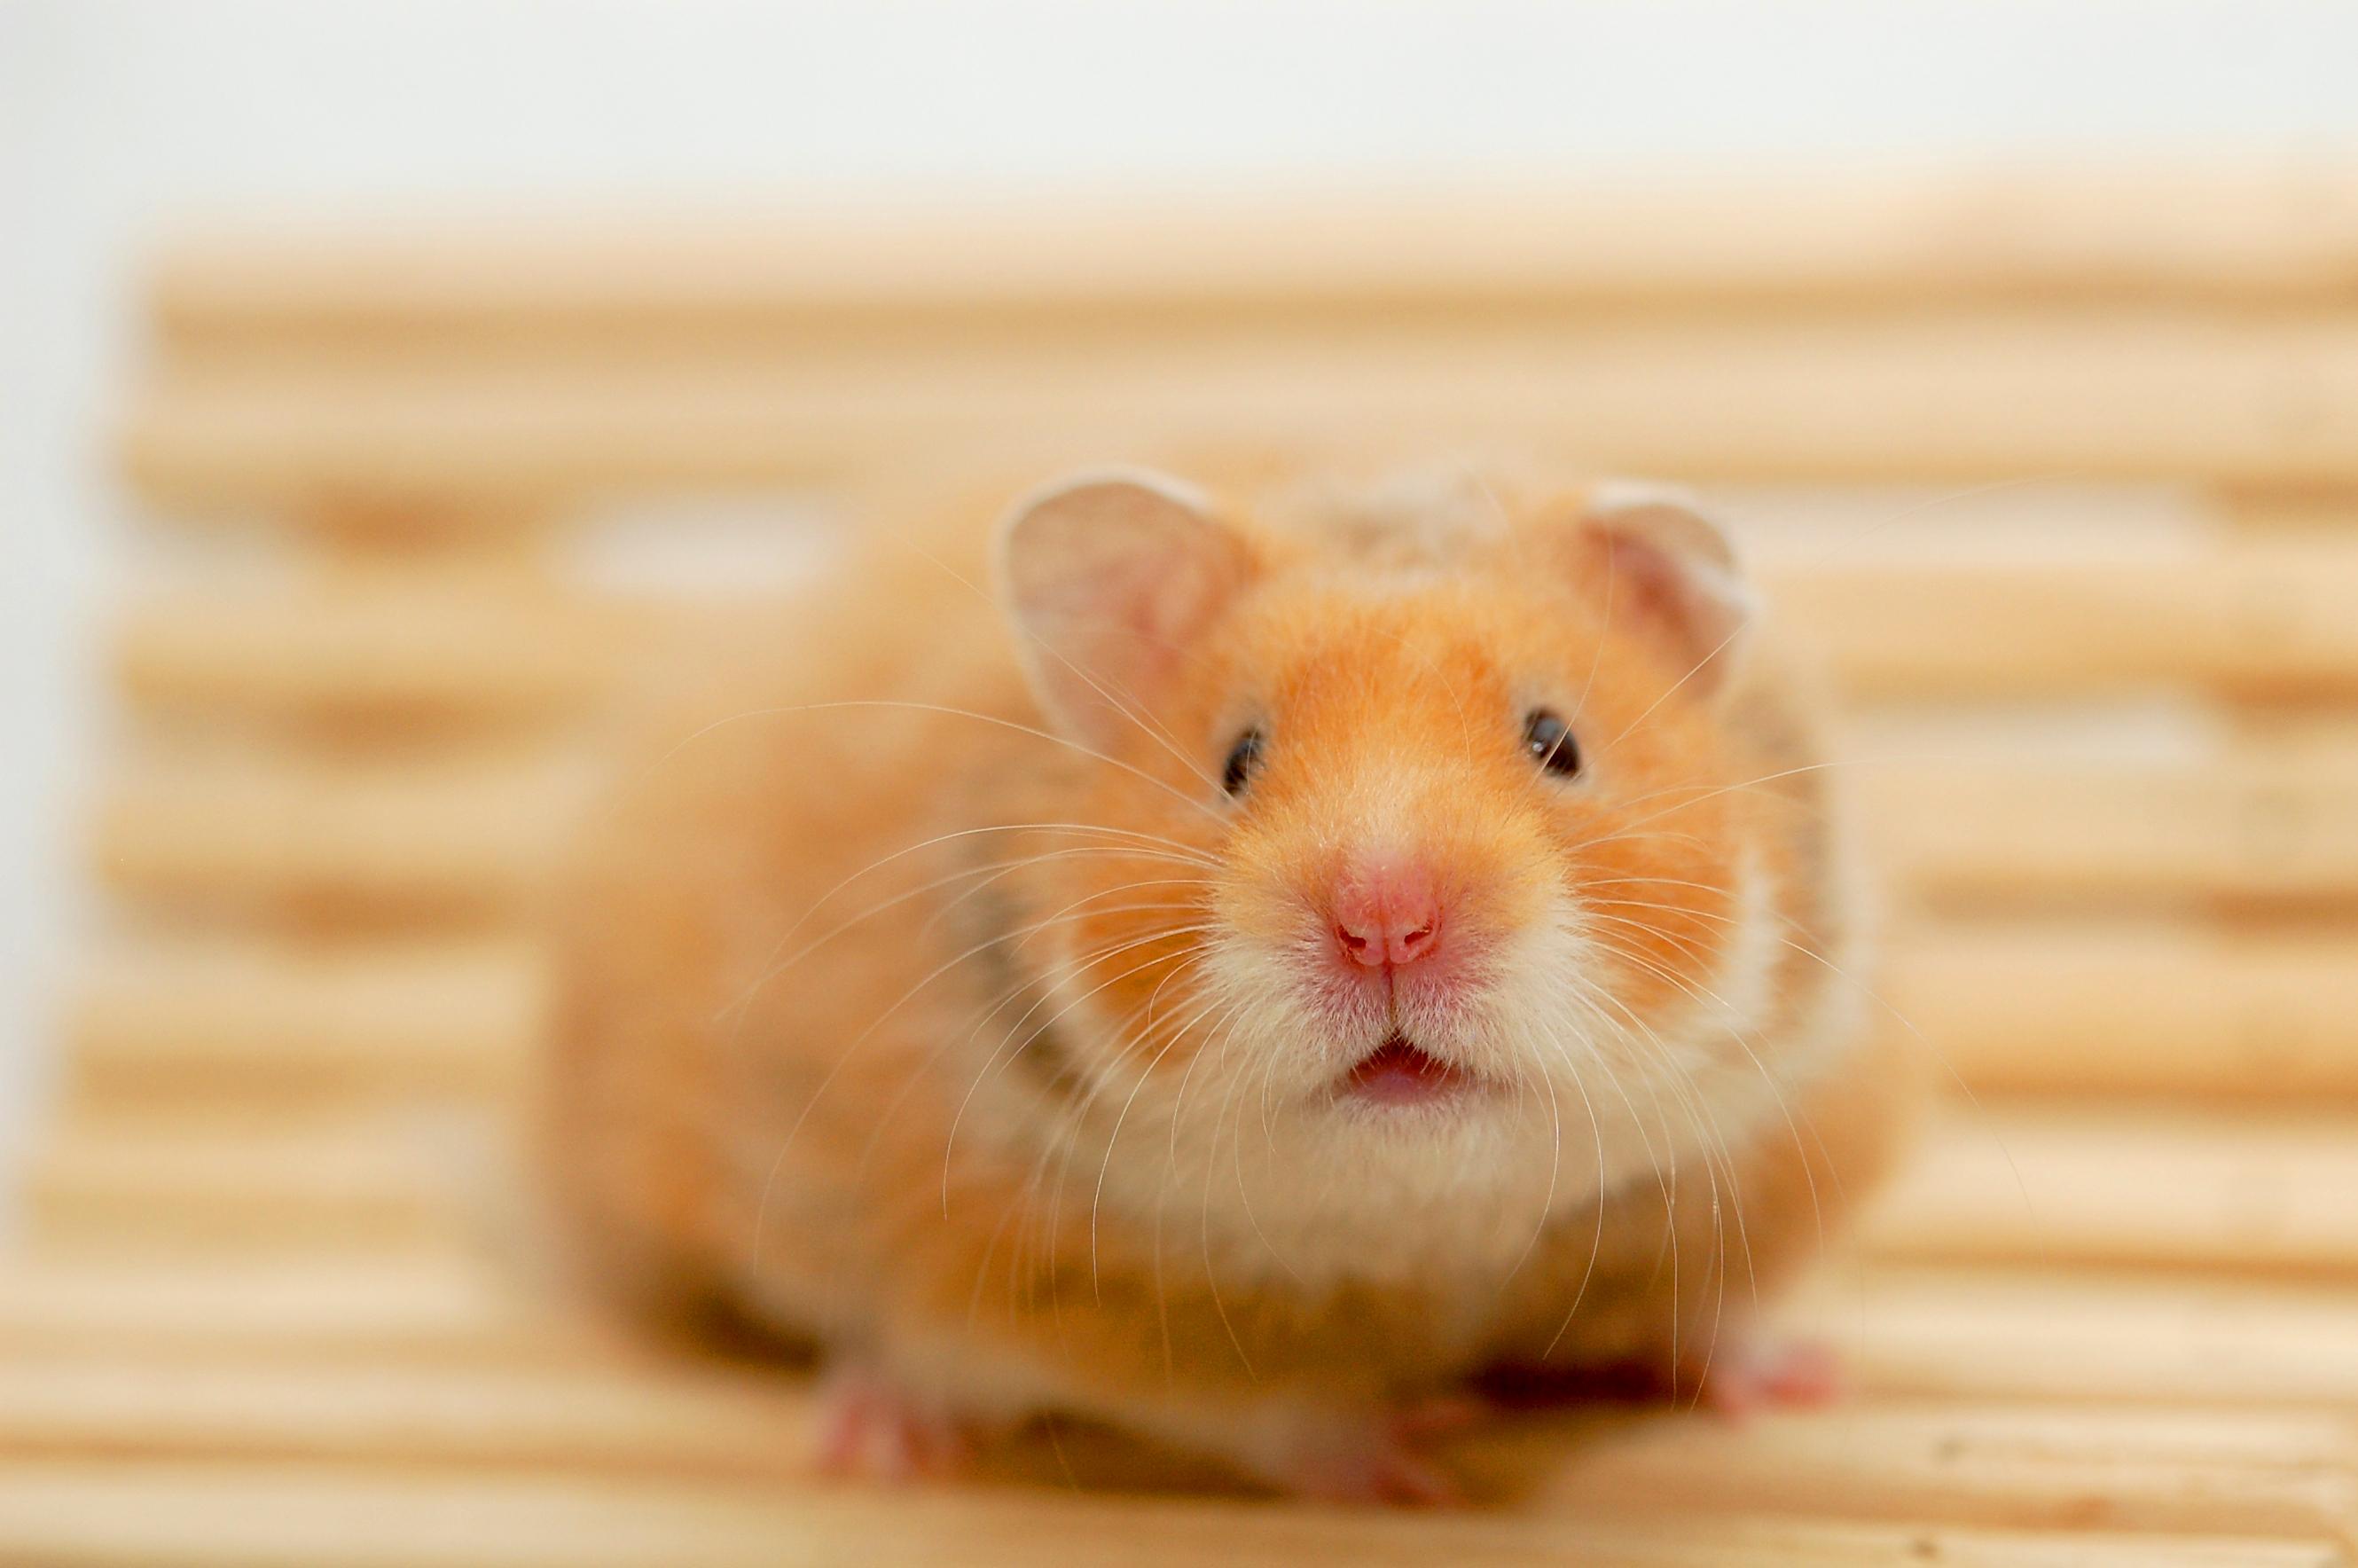 Hamstersxxx